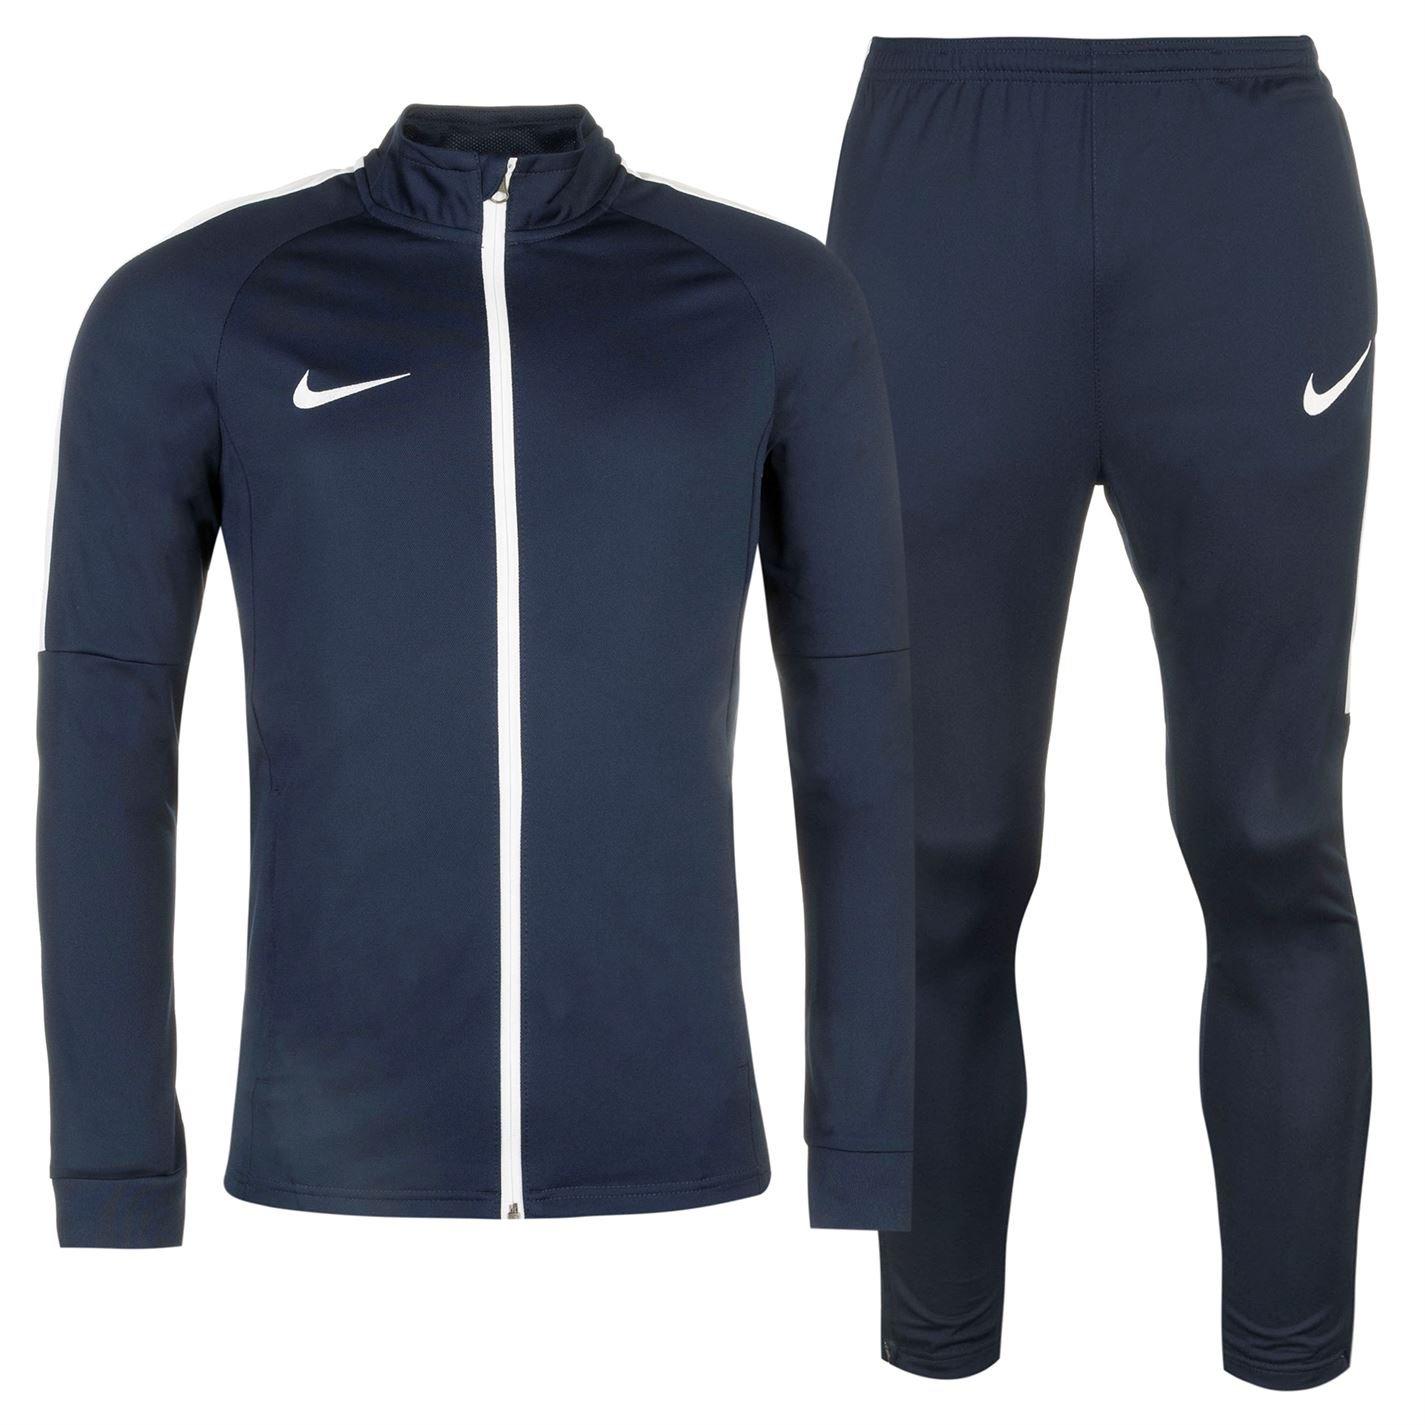 Nike Academy Warm Up pánska tepláková súprava